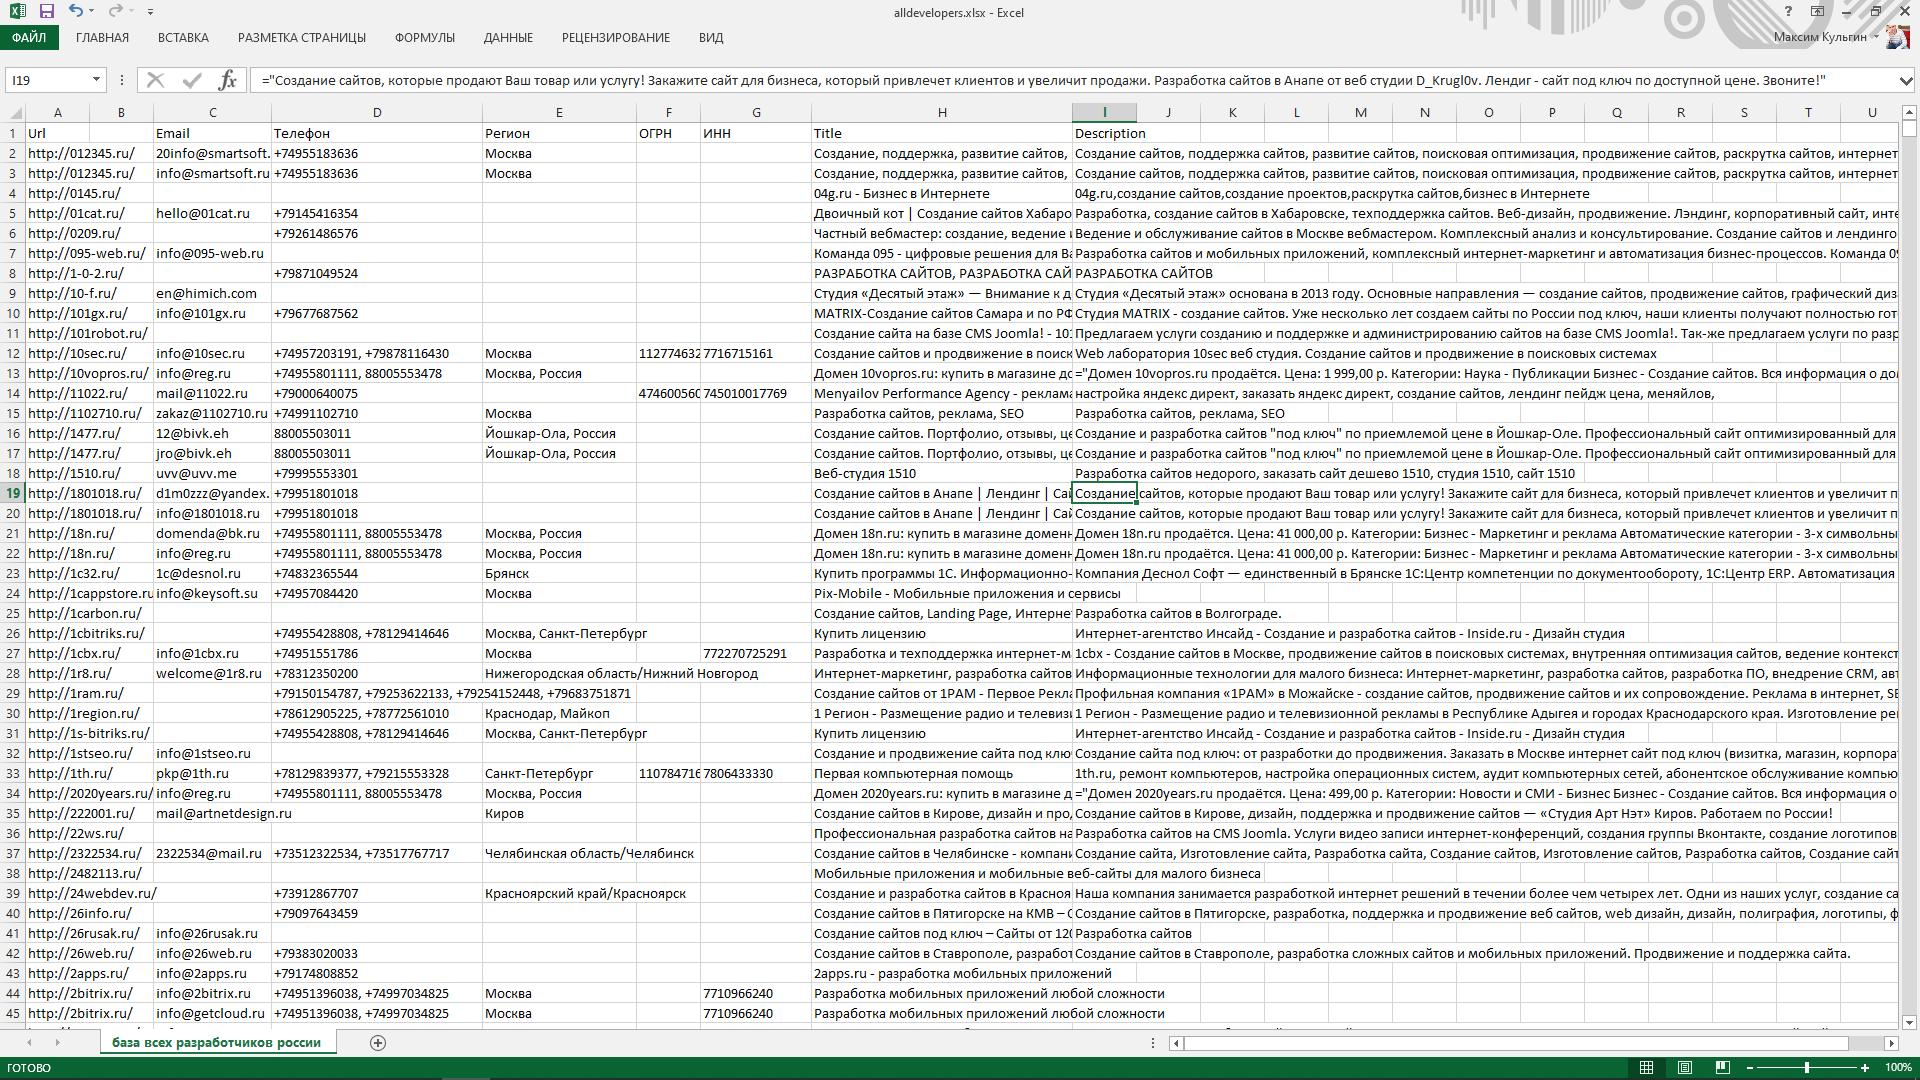 Пример базы разработчиков сайтов и приложений в россии